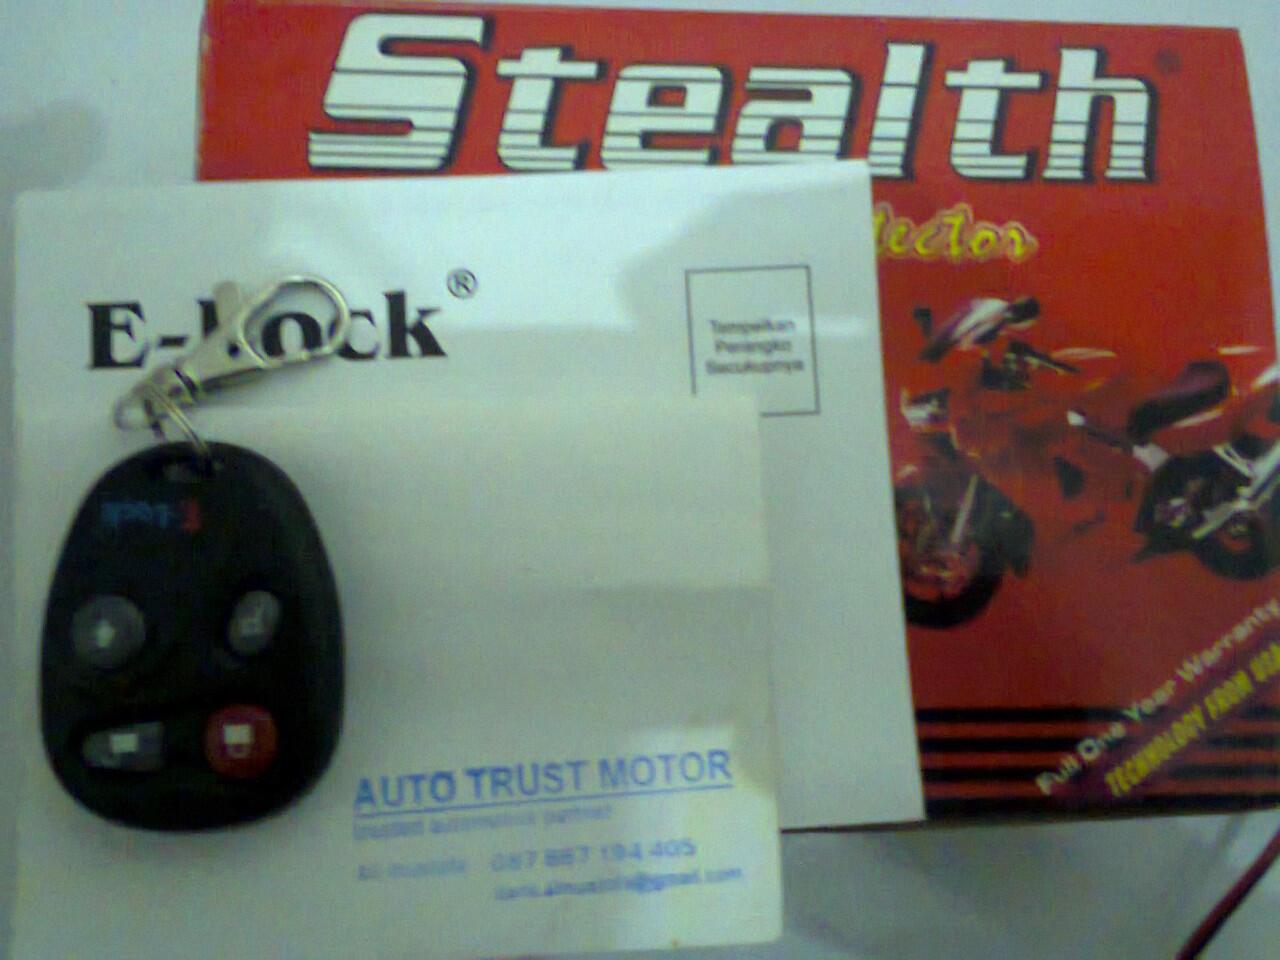 e-lock stealth PASANG DIRUMAH 285000 SEMUA MOTOR BISA DAN BERGARANSI